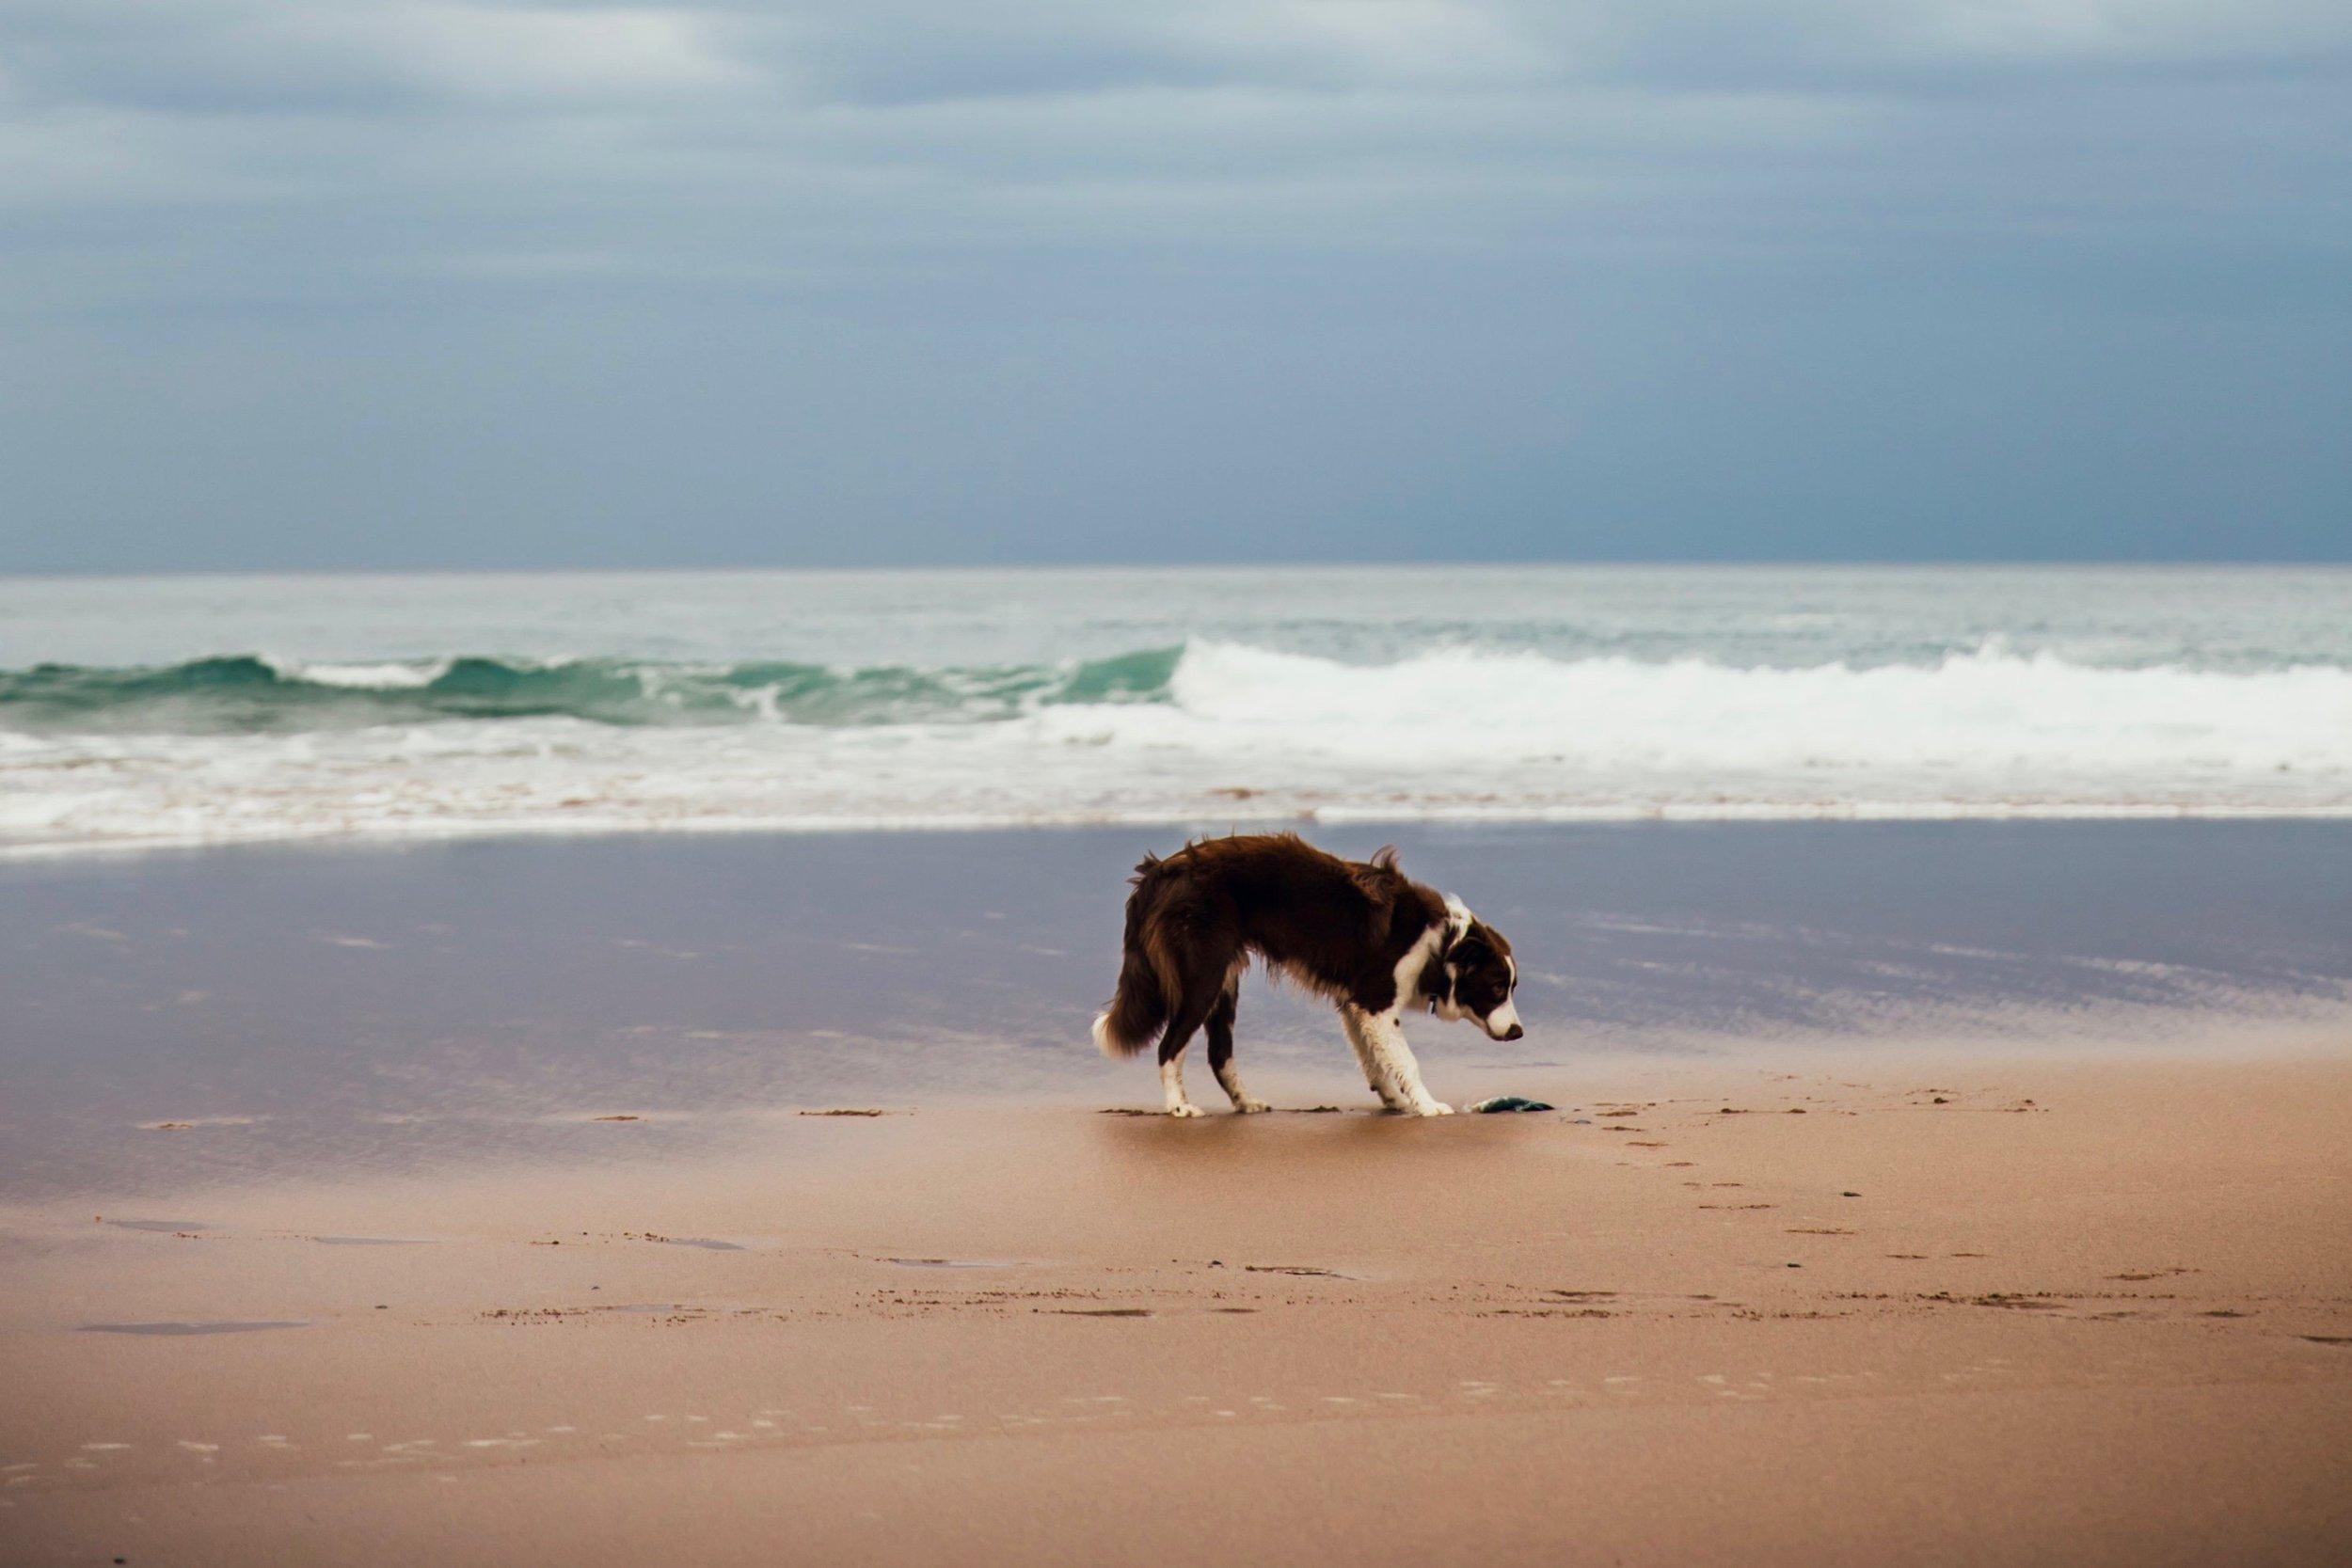 puppy-at-the-beach_4460x4460 2.jpg